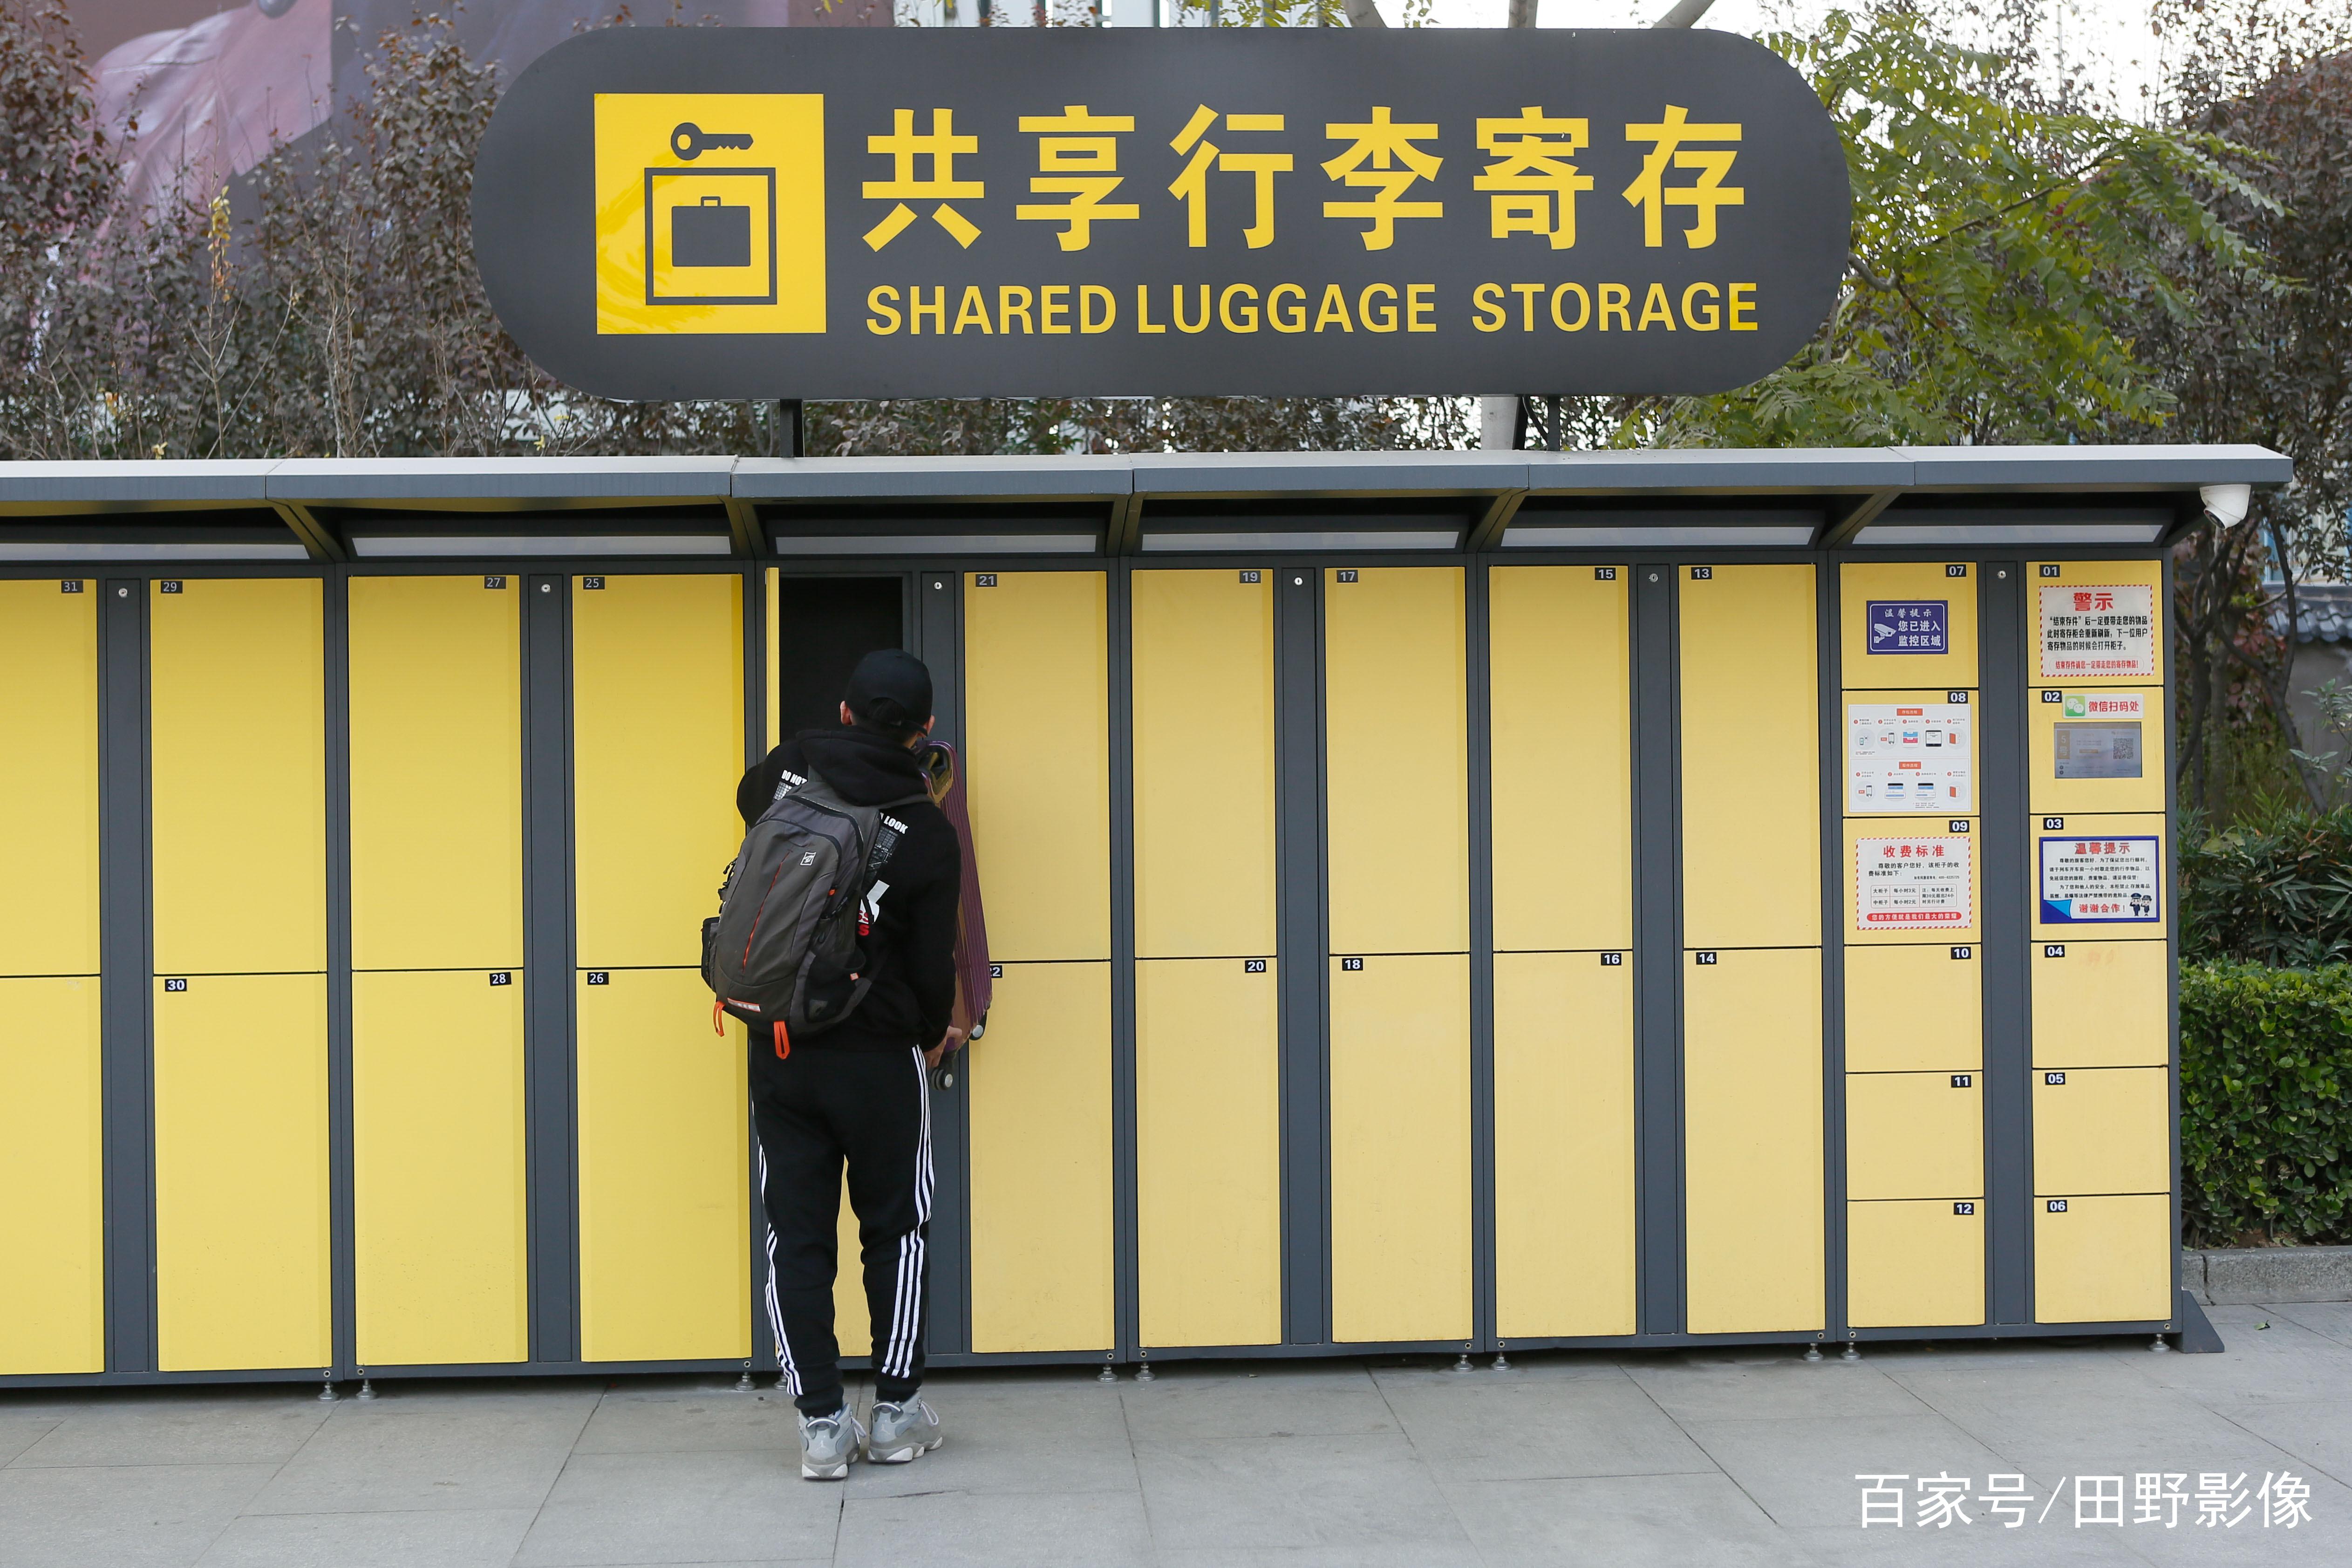 一位乘客使用共享行李寄存柜存放物品.